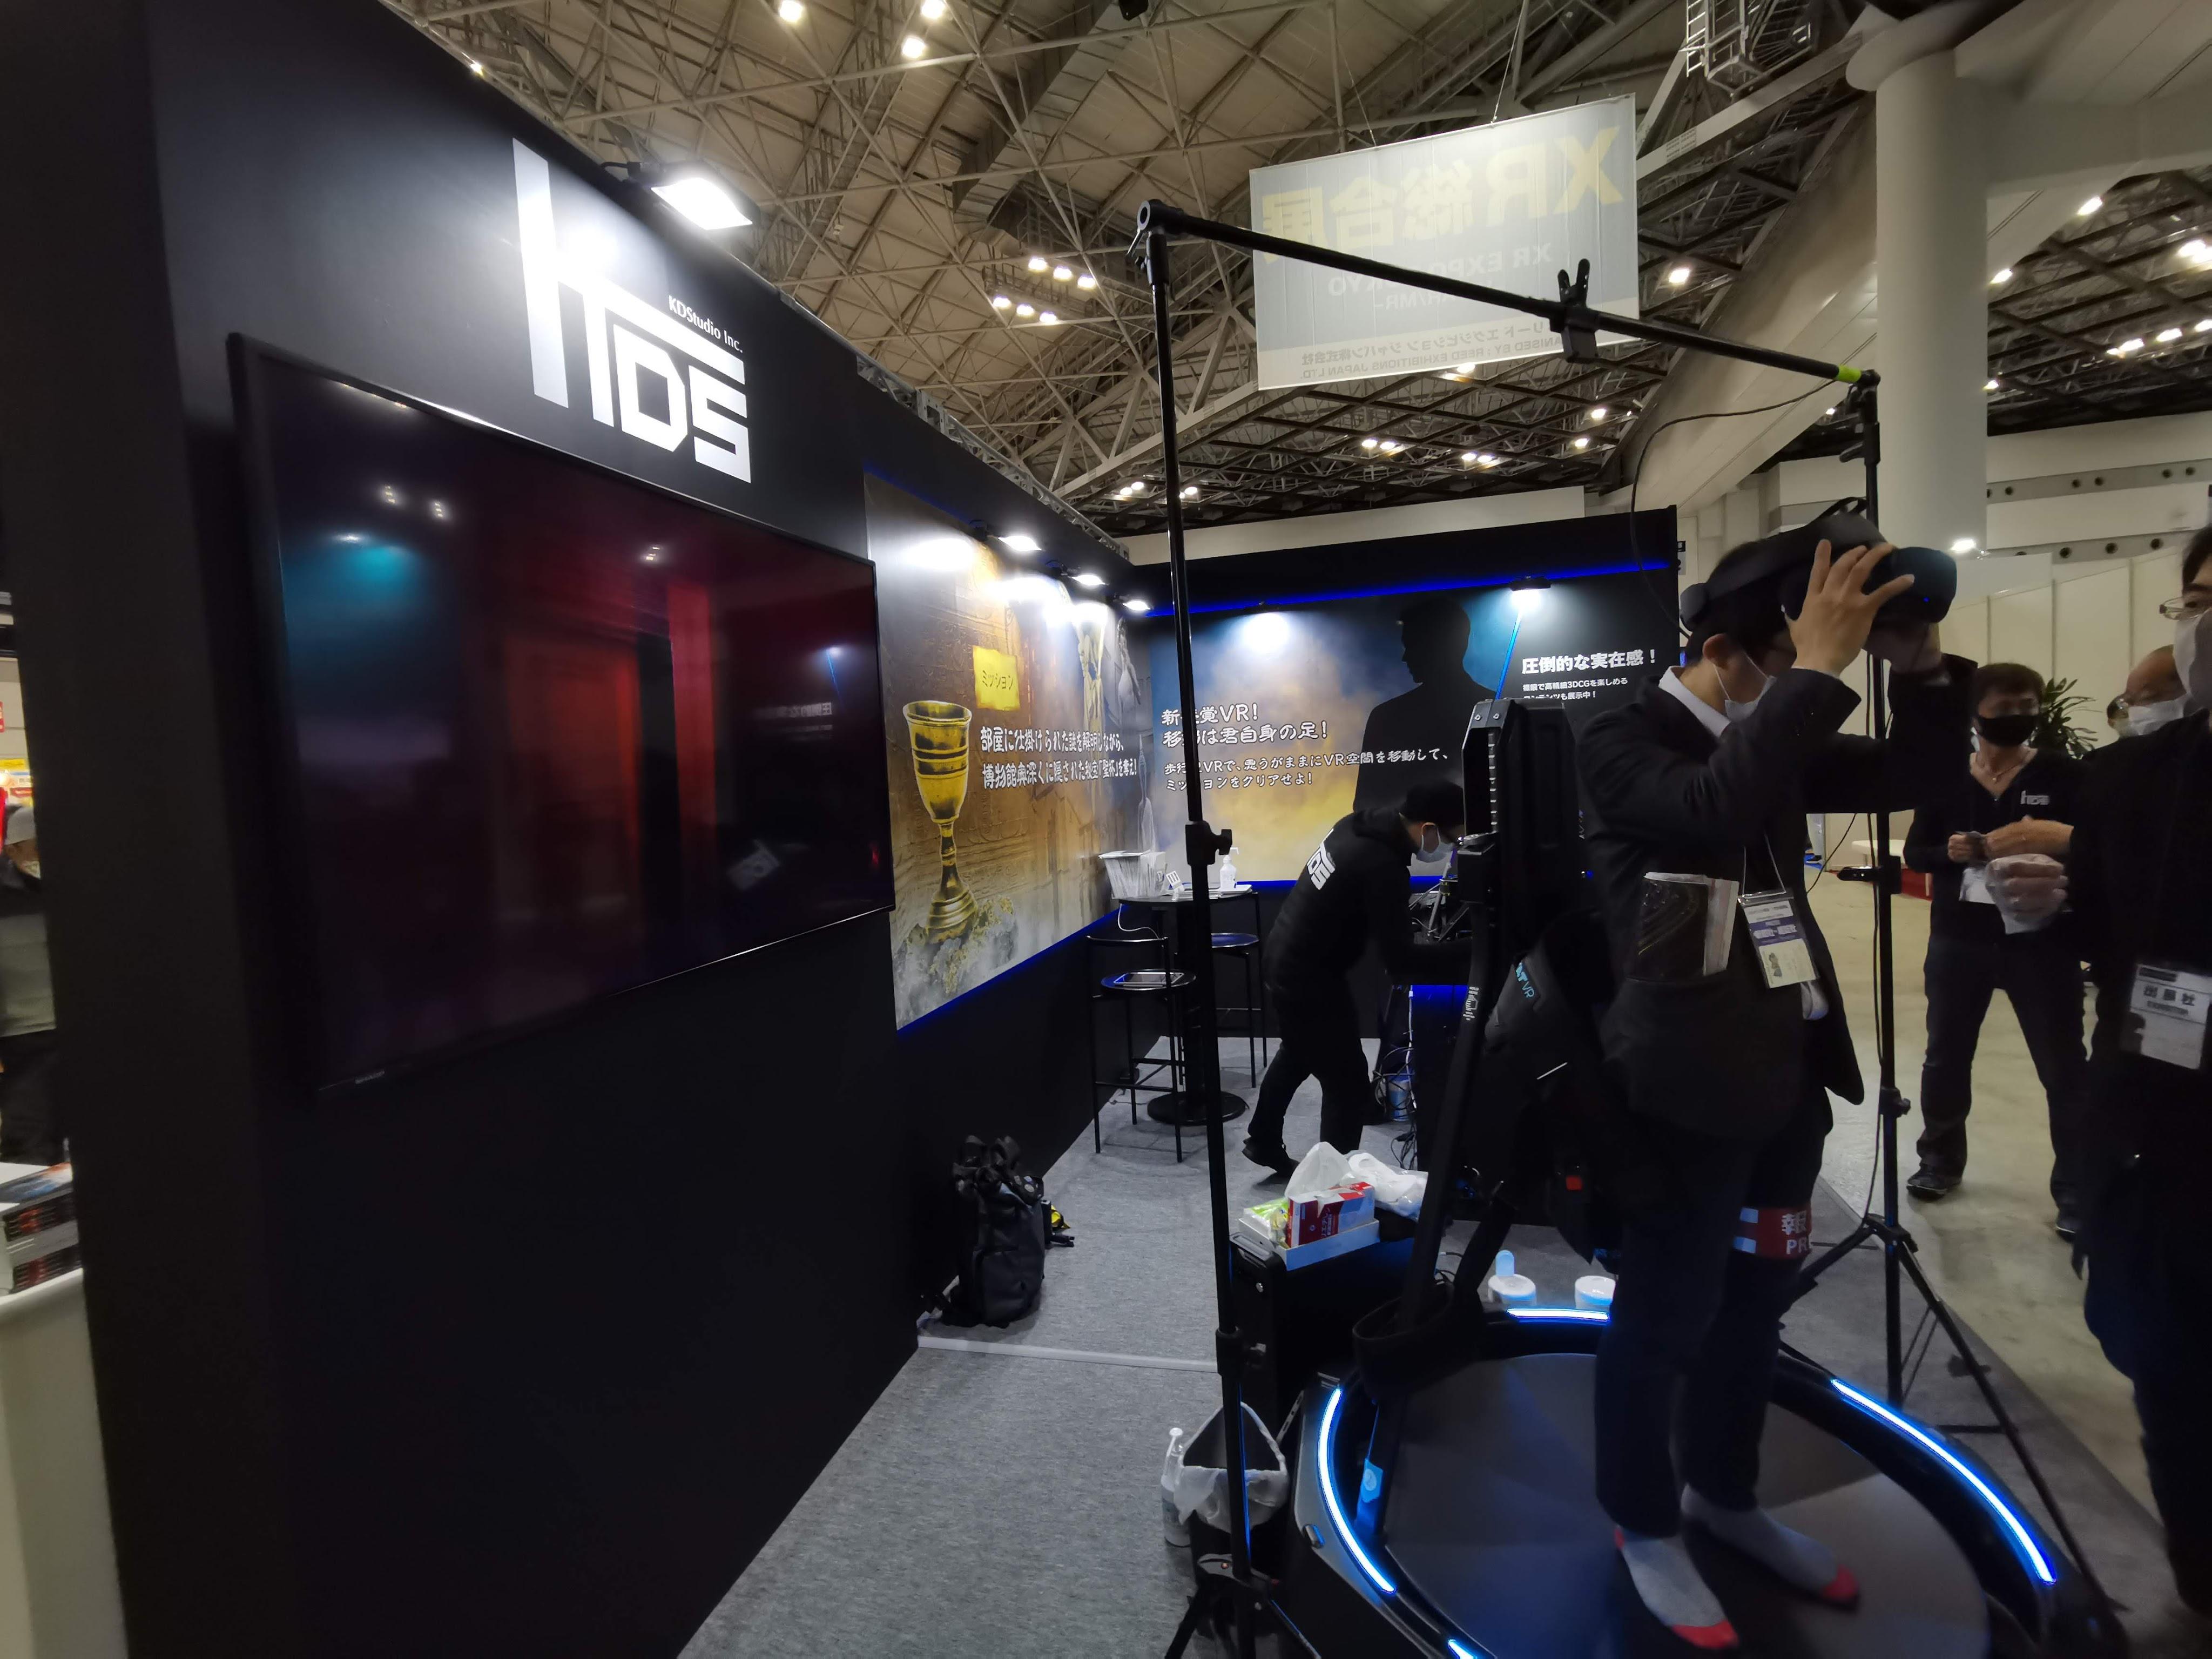 東京ビッグサイト南館にてXR総合展でのKDStudio ブース